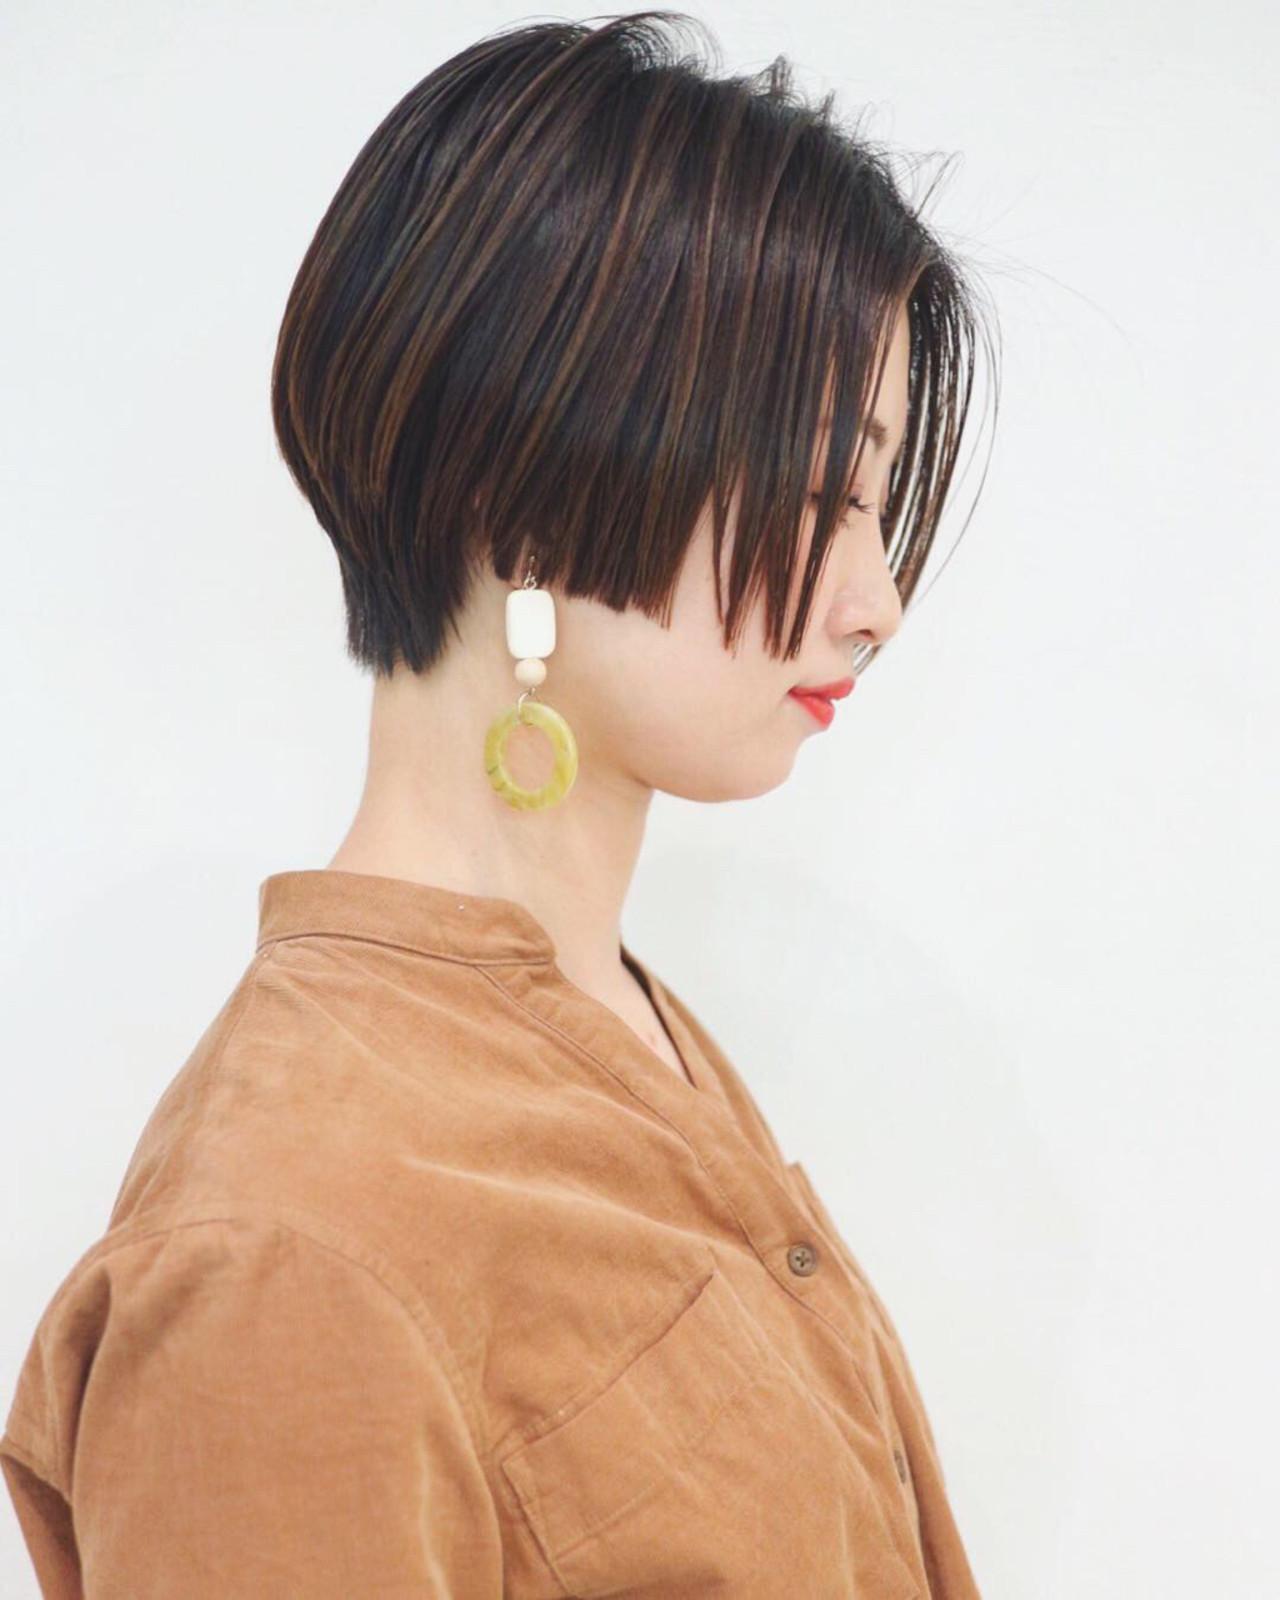 横顔が美しいショートボブ 三好 佳奈美  Baco.(バコ)